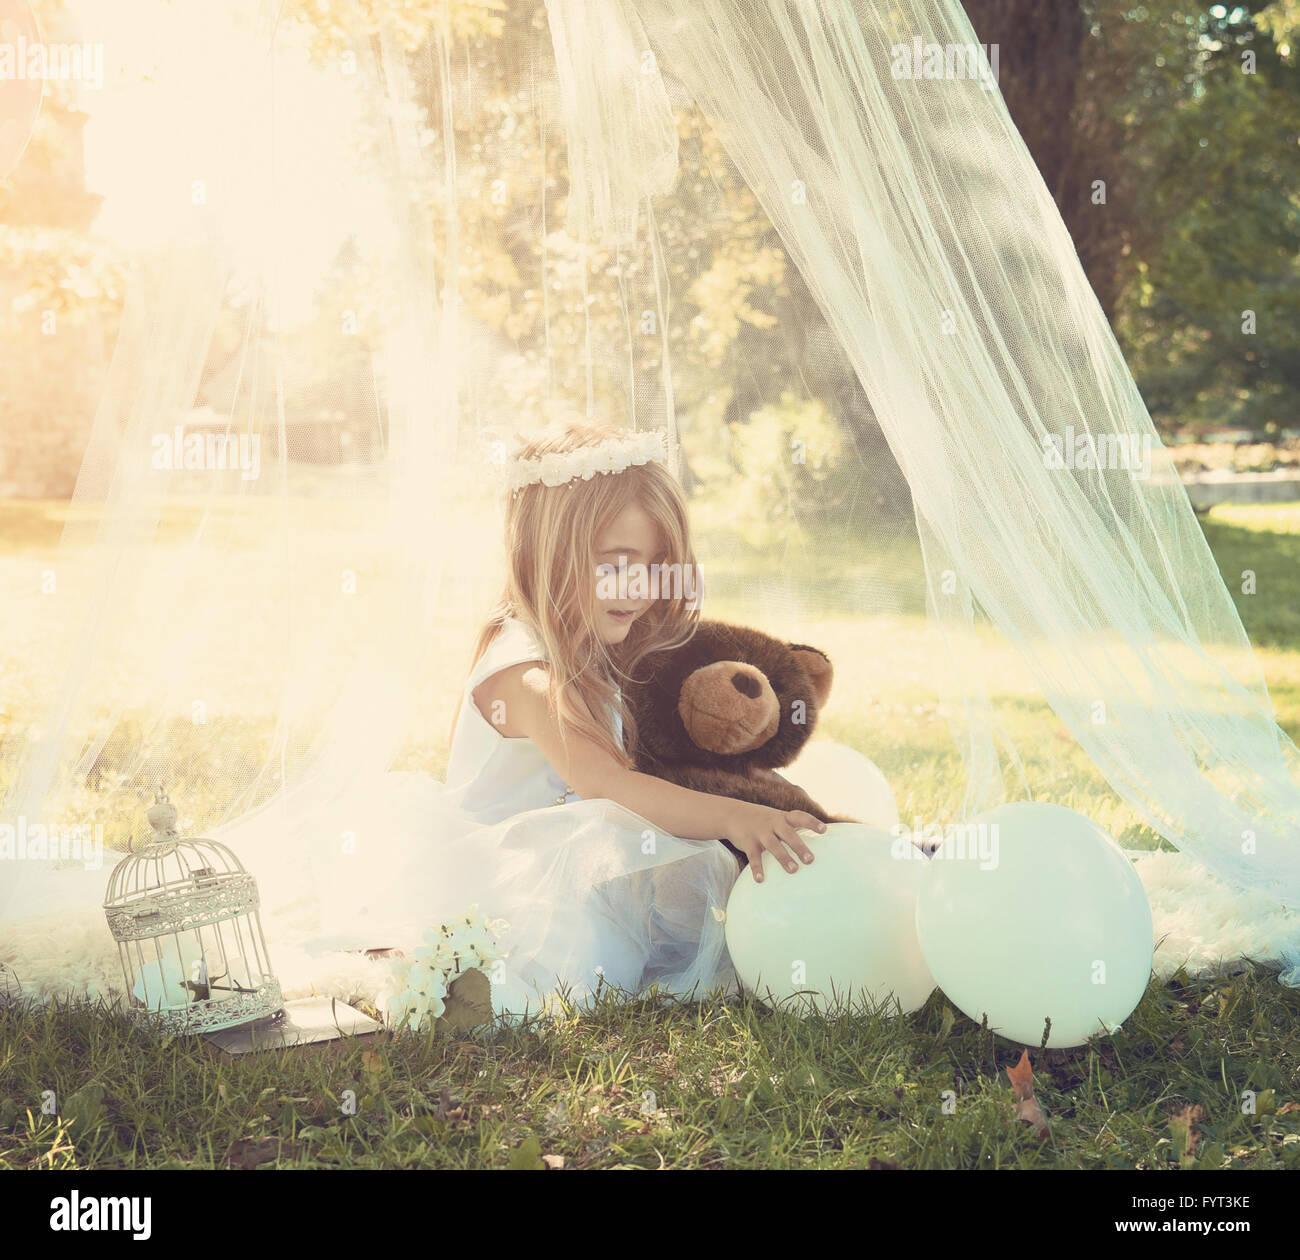 Una preciosa chica está jugando con globos en un vestido blanco fuera bajo un dosel con la luz del sol de primavera Imagen De Stock